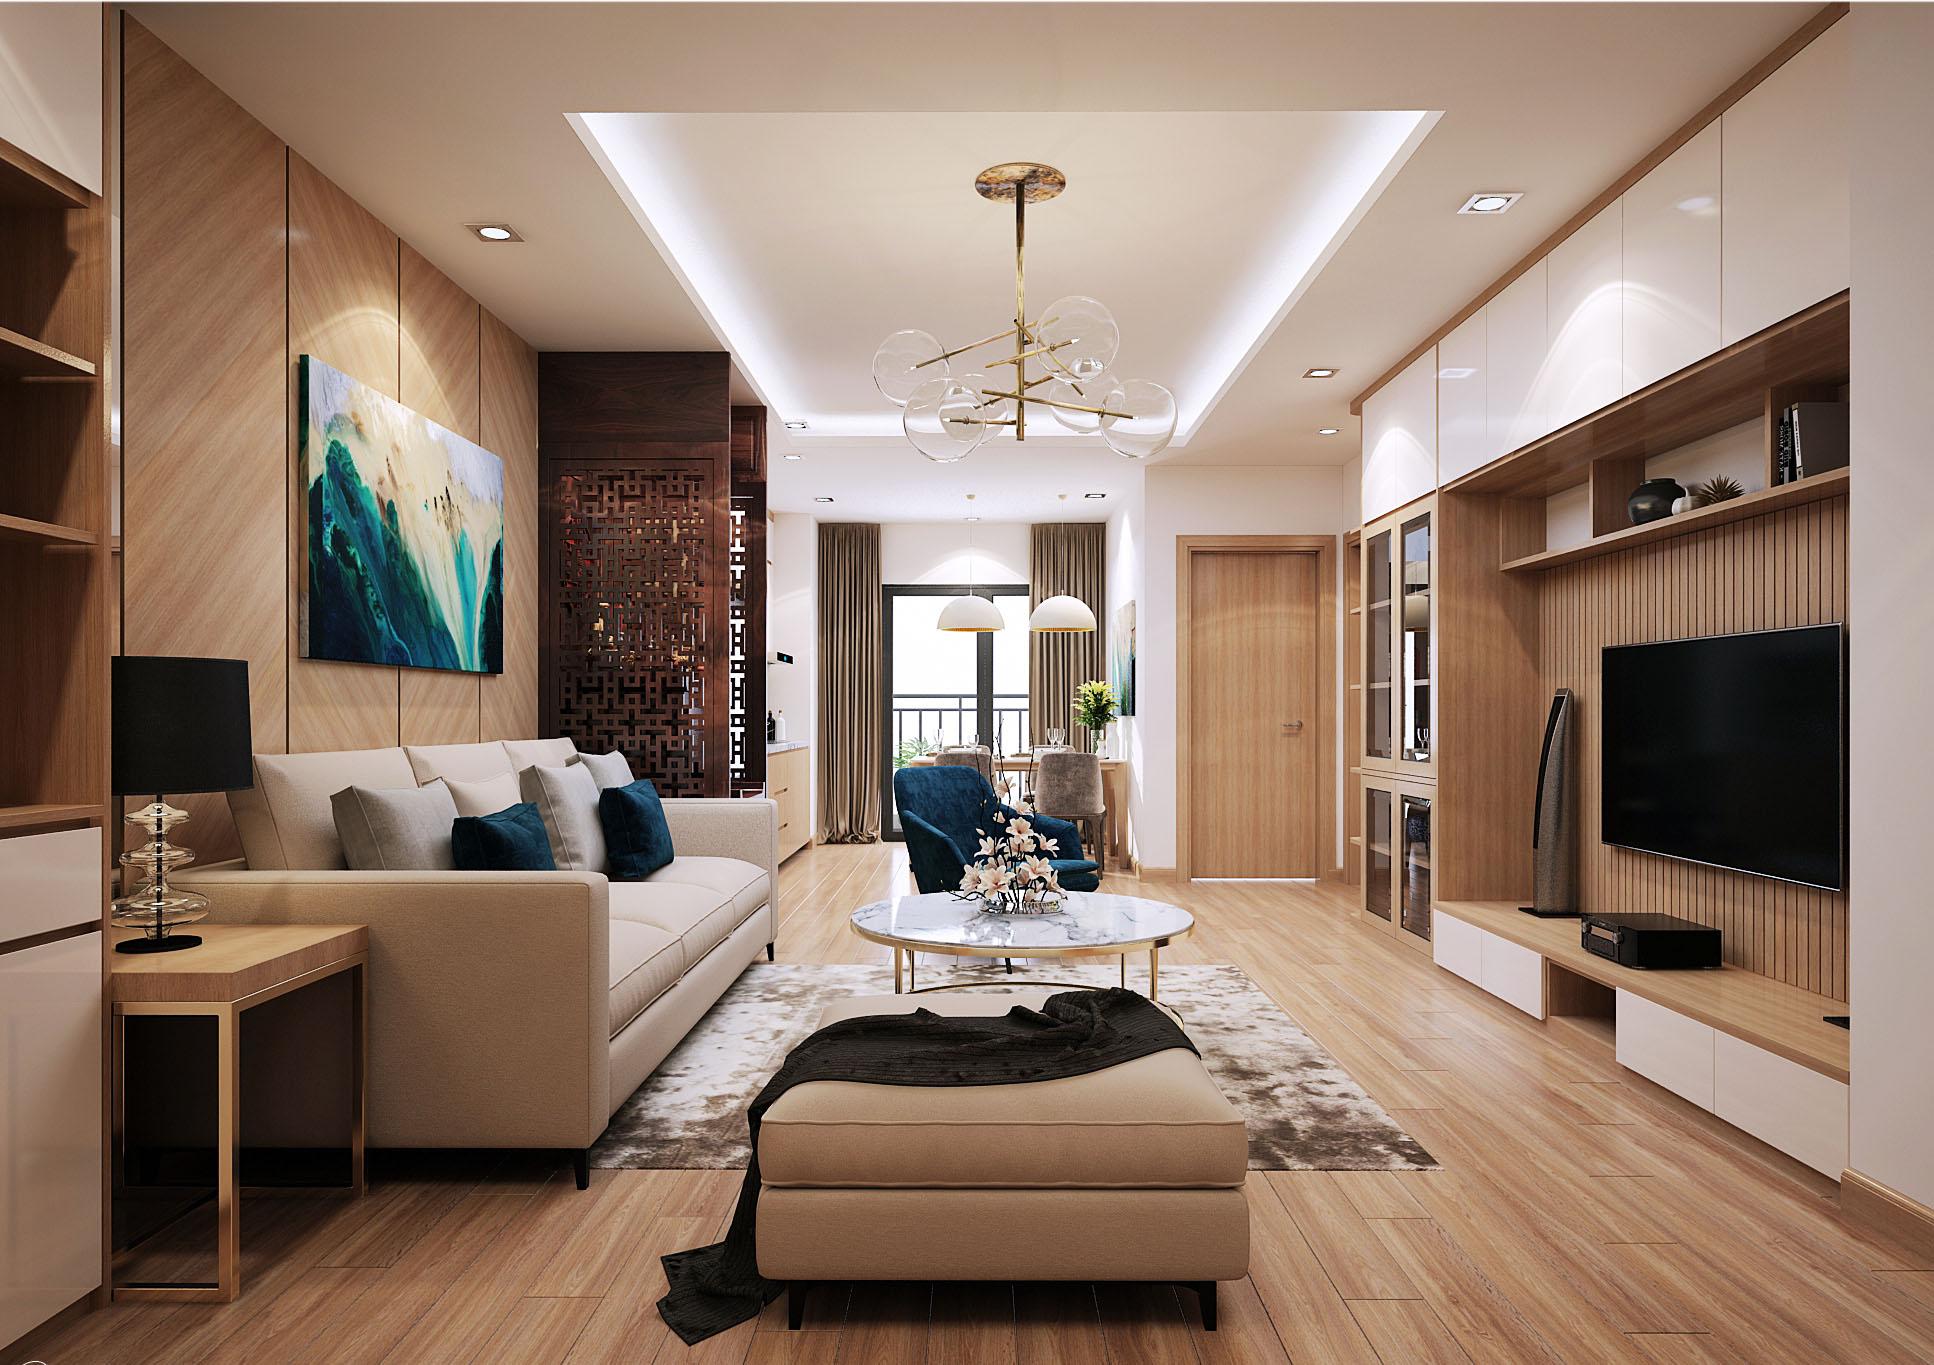 Tư vấn thiết kế nội thất nhà ở cấp 4 nhỏ xinh theo phong cách hiện đại tối giản và với chi phí tiết kiệm chỉ 50 triệu - Ảnh 5.